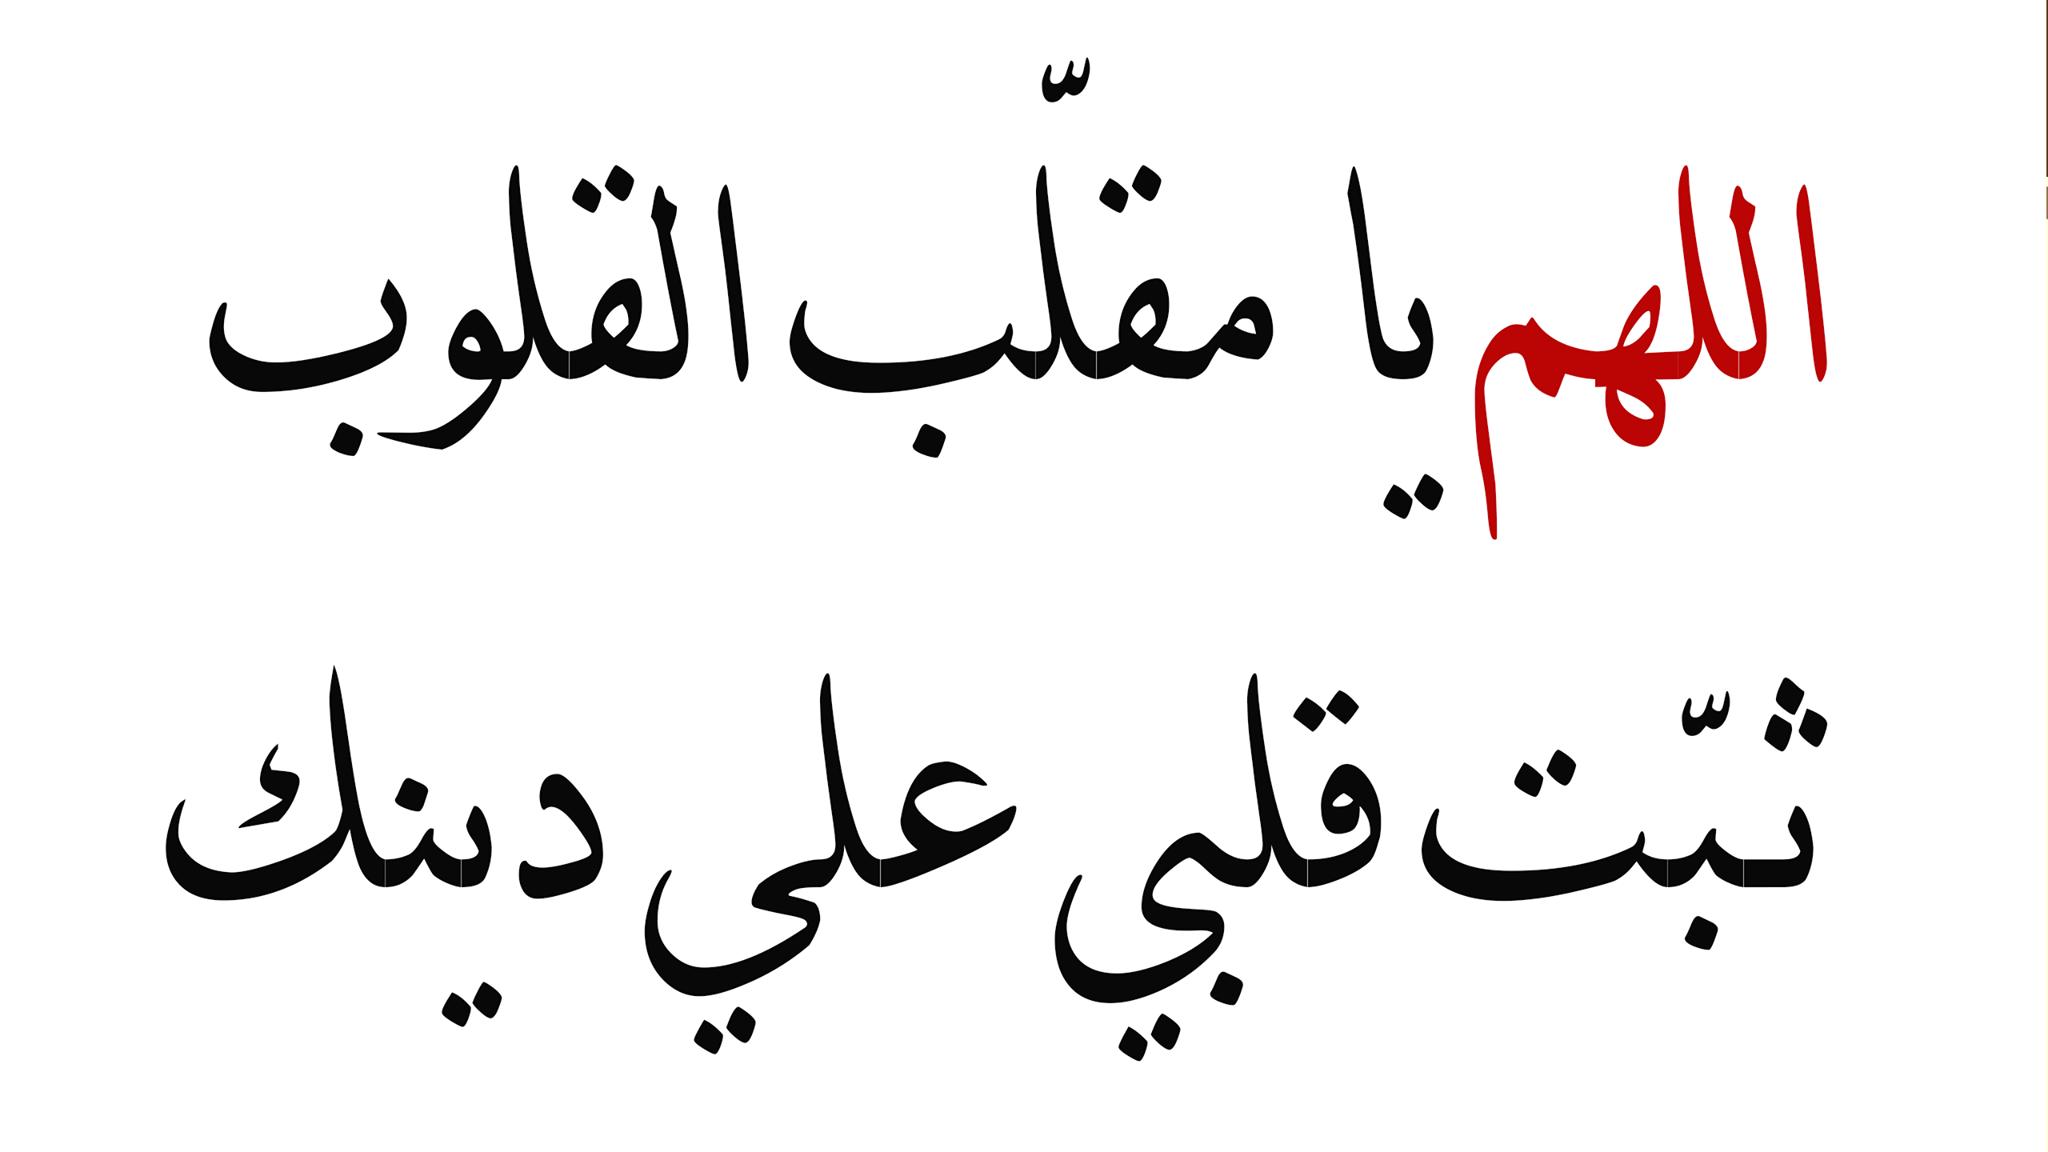 اللهم يا مقلب القلوب ثبت قلبي على دينك Arabic Calligraphy Arabic Peace Be Upon Him